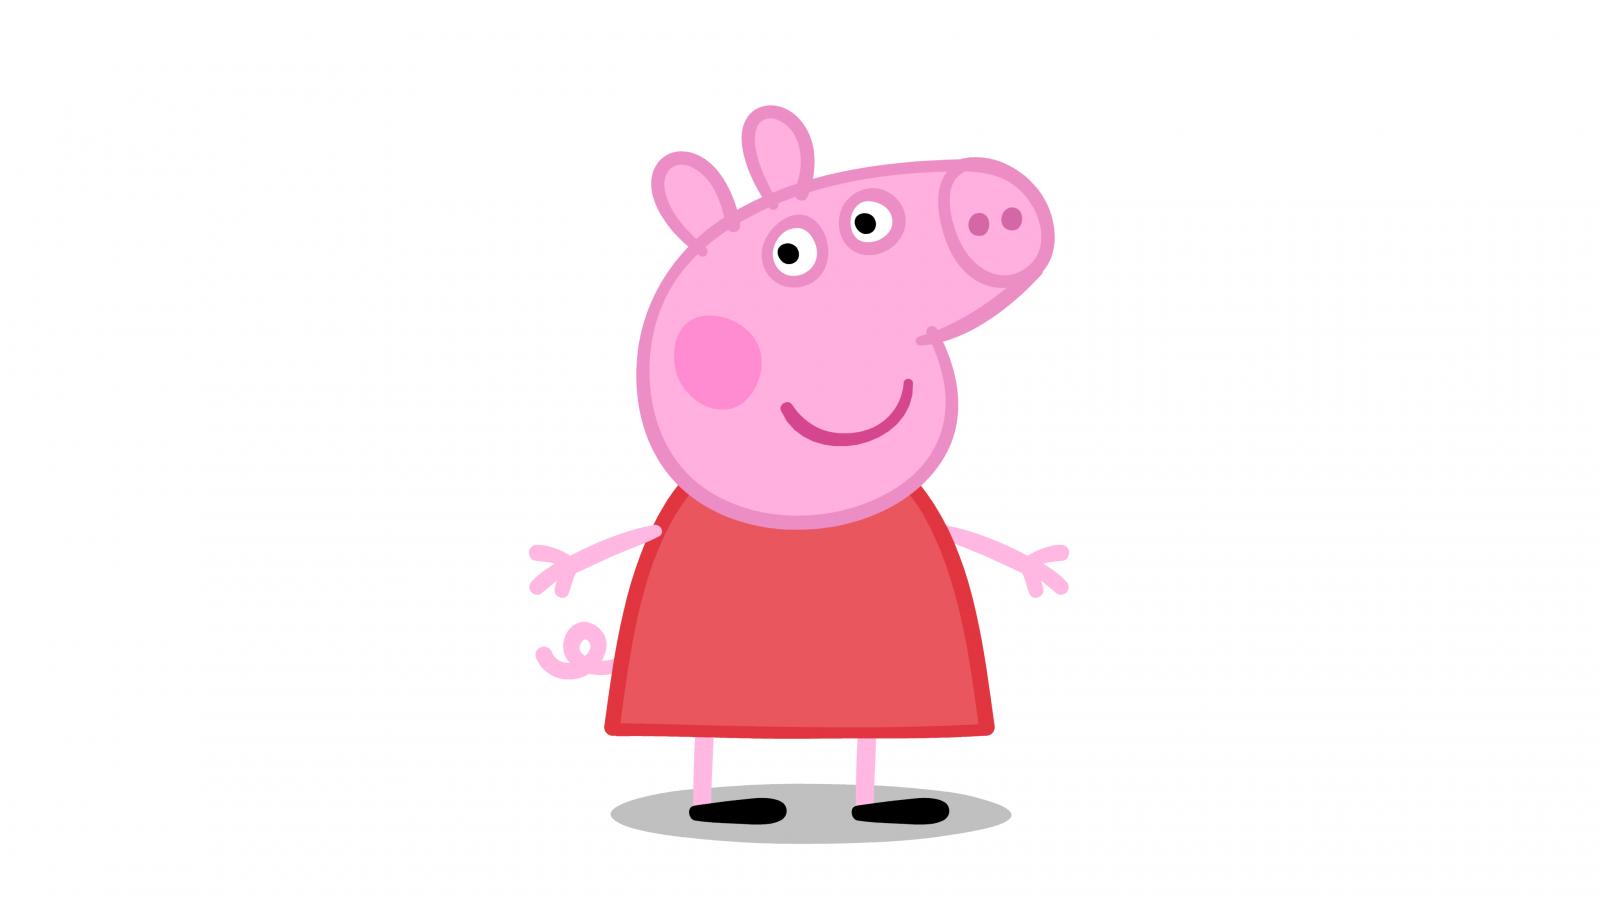 свинка пеппа картинка высокого качества полезна